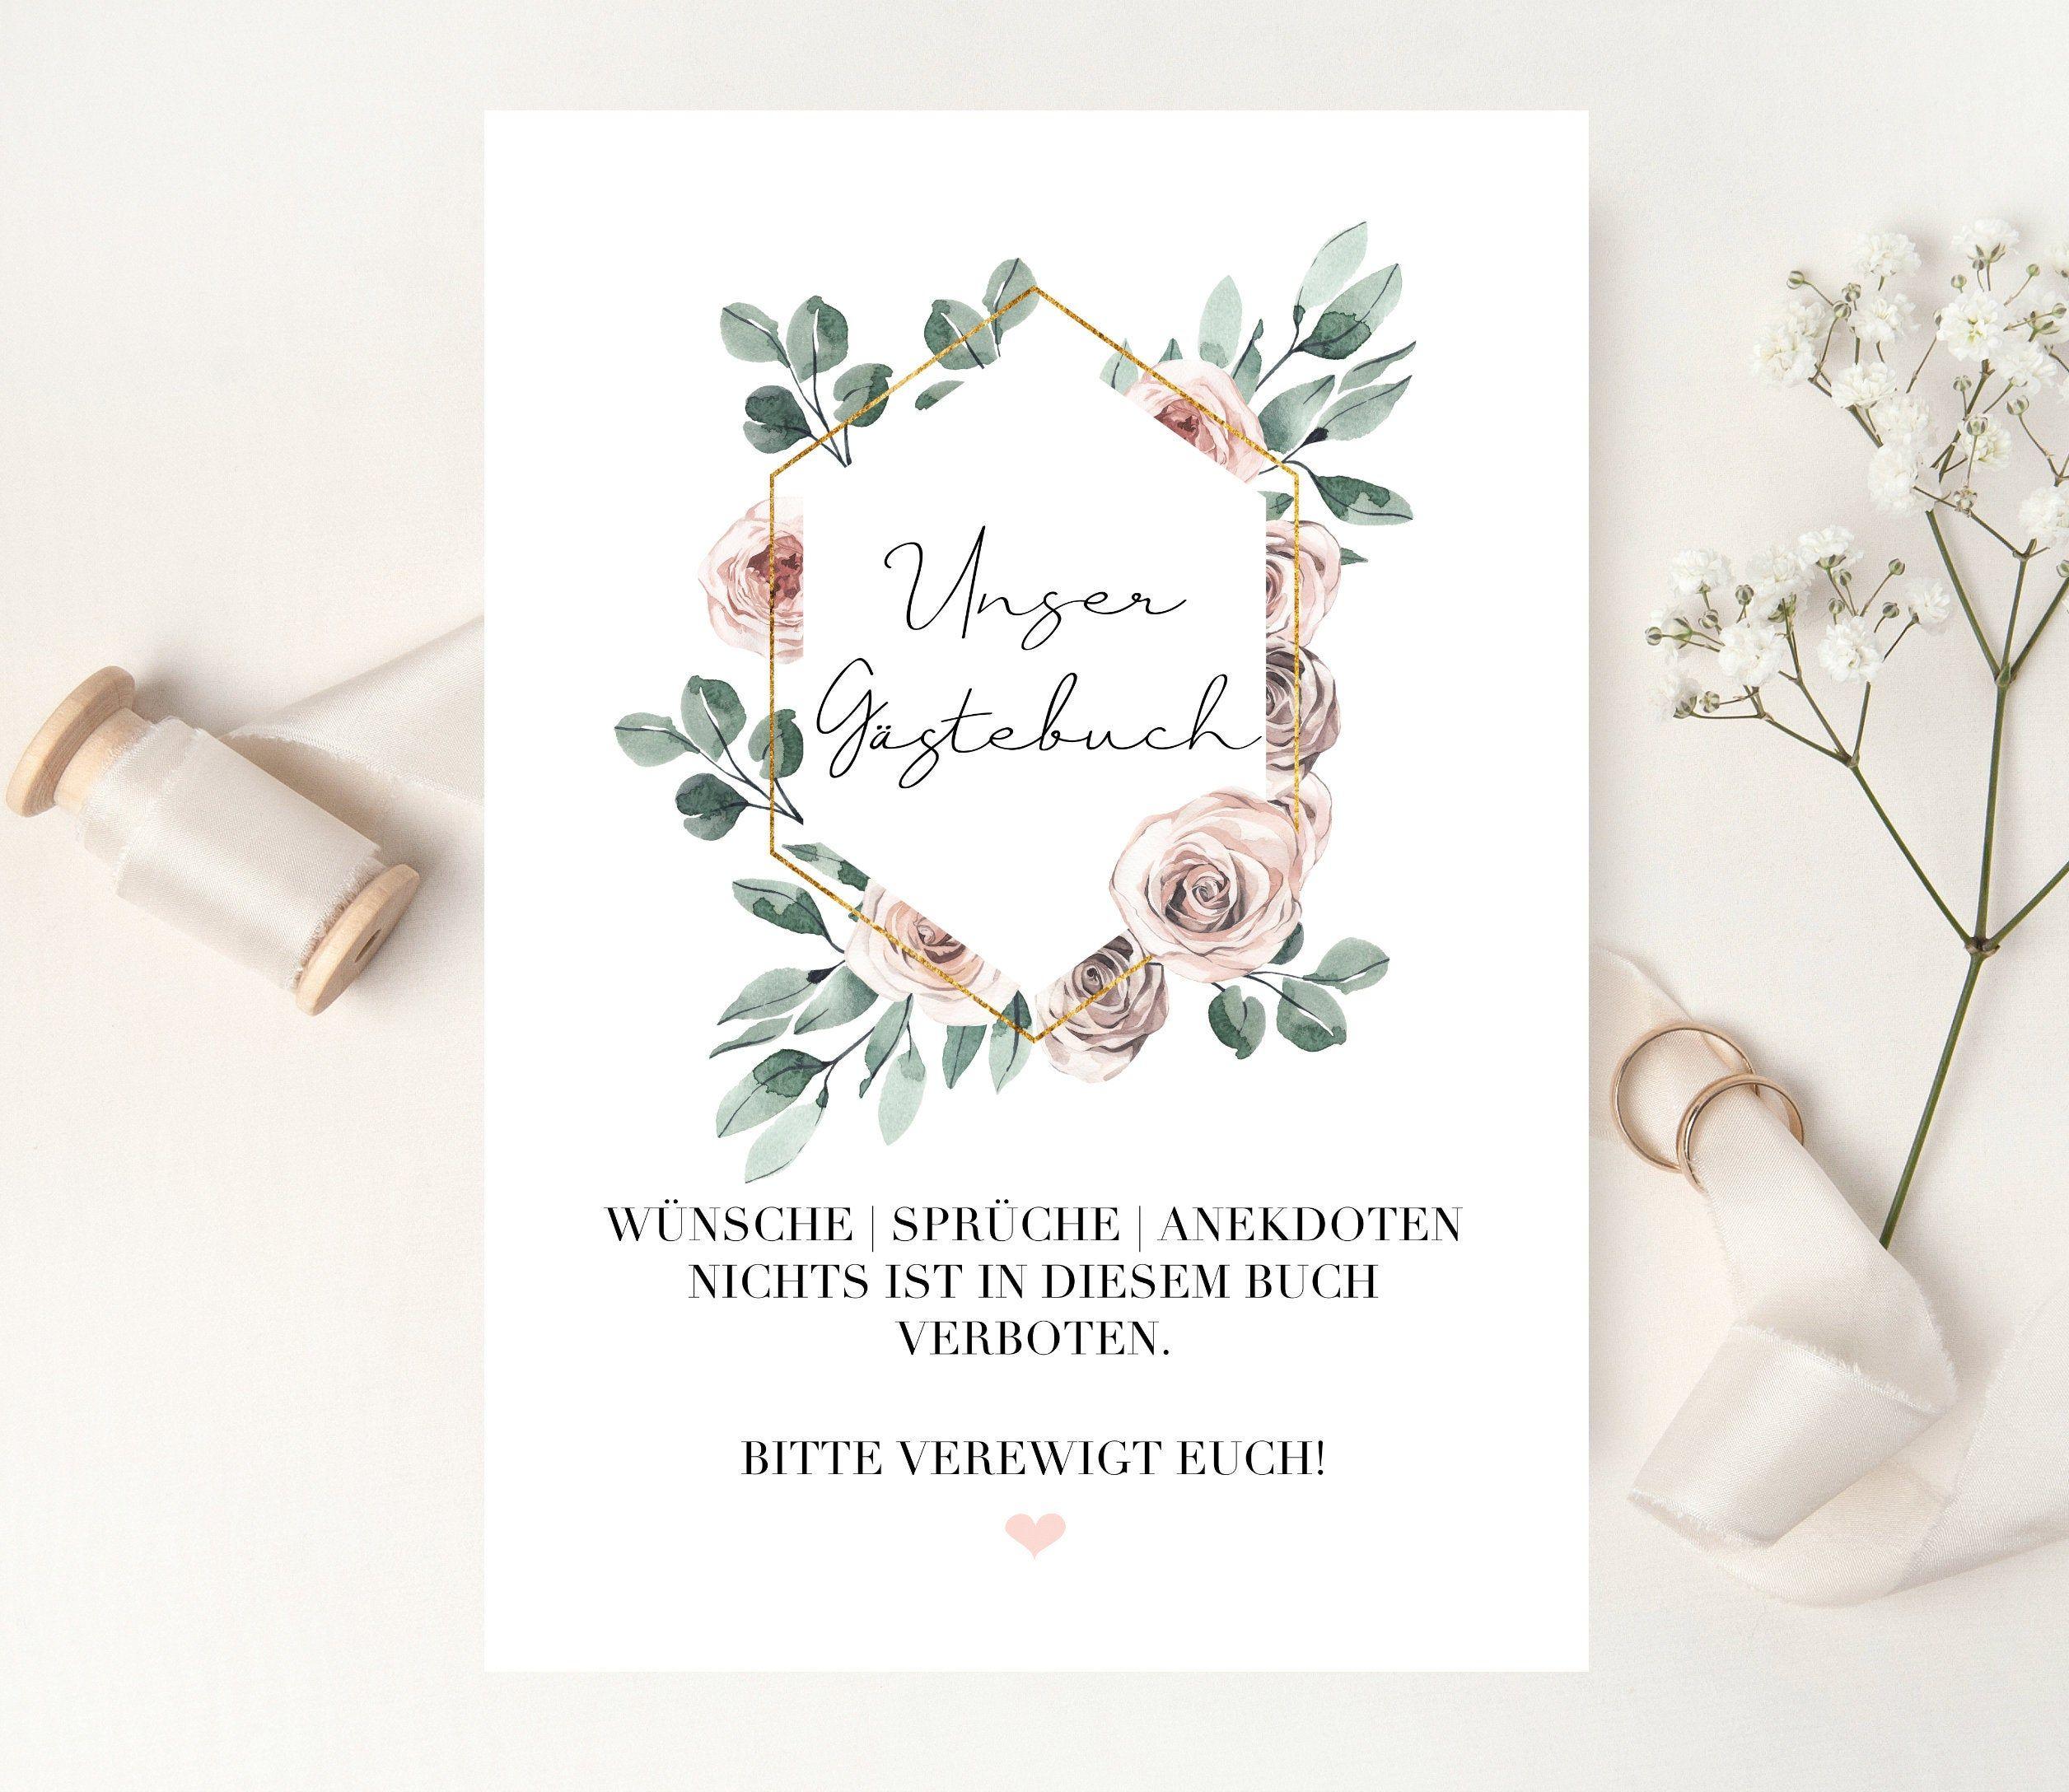 Aufsteller Poster Schild Wegweiser Hochzeit Gastebuch Rosen Blatter Eukalyptus Greenery Botanik In 2020 Diy Wedding Decorations Mom Birthday Crafts Diy Wedding